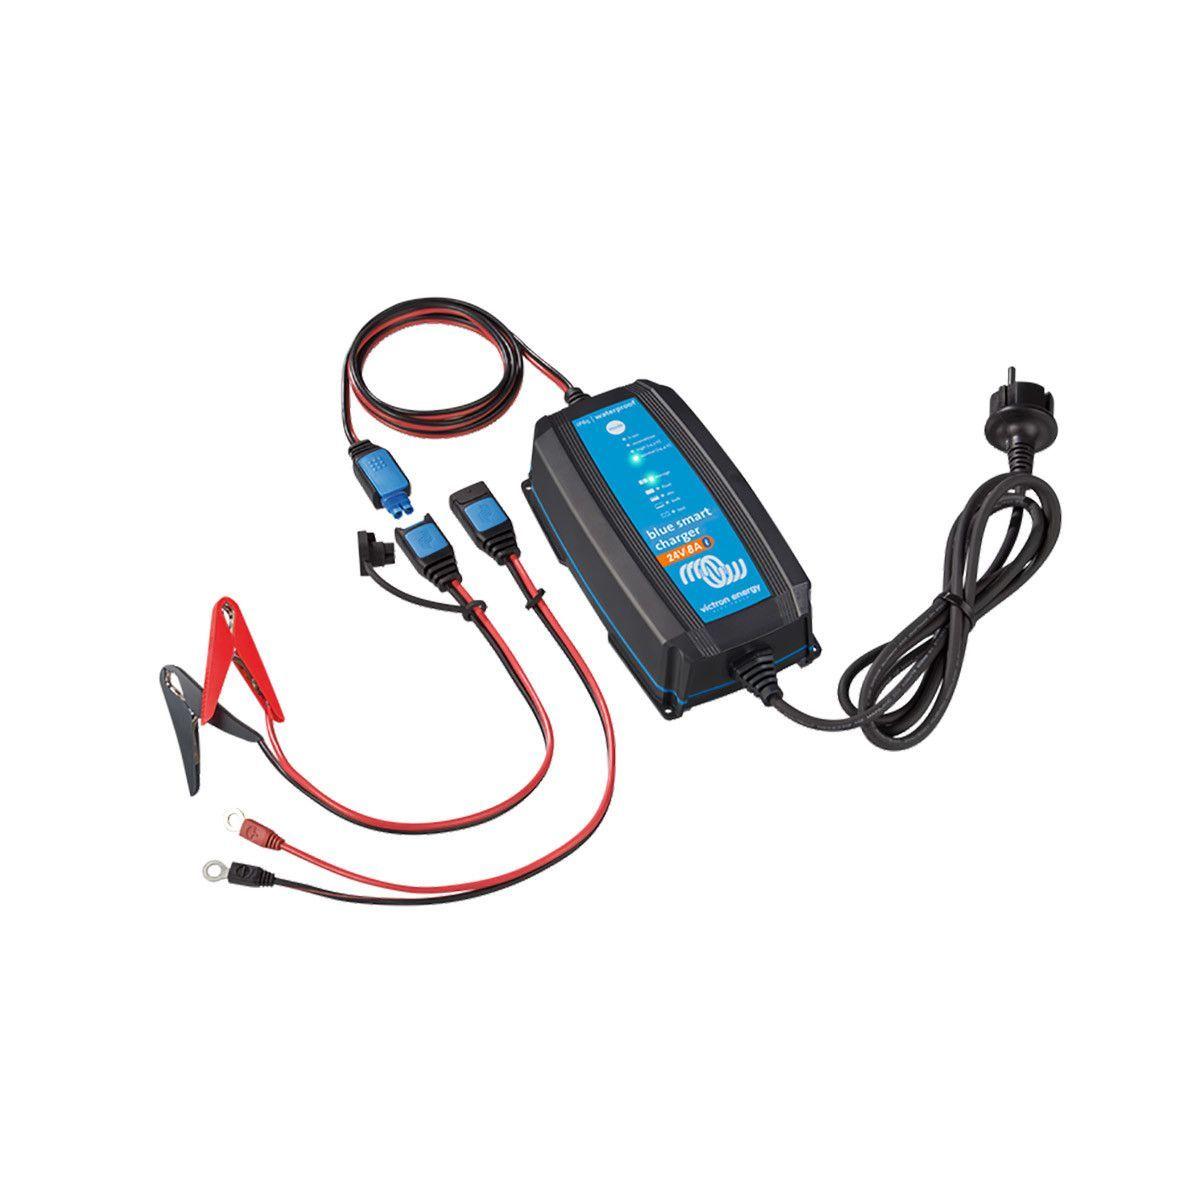 8a avec connecteurs dc Chargeur blue smart ip65 24v